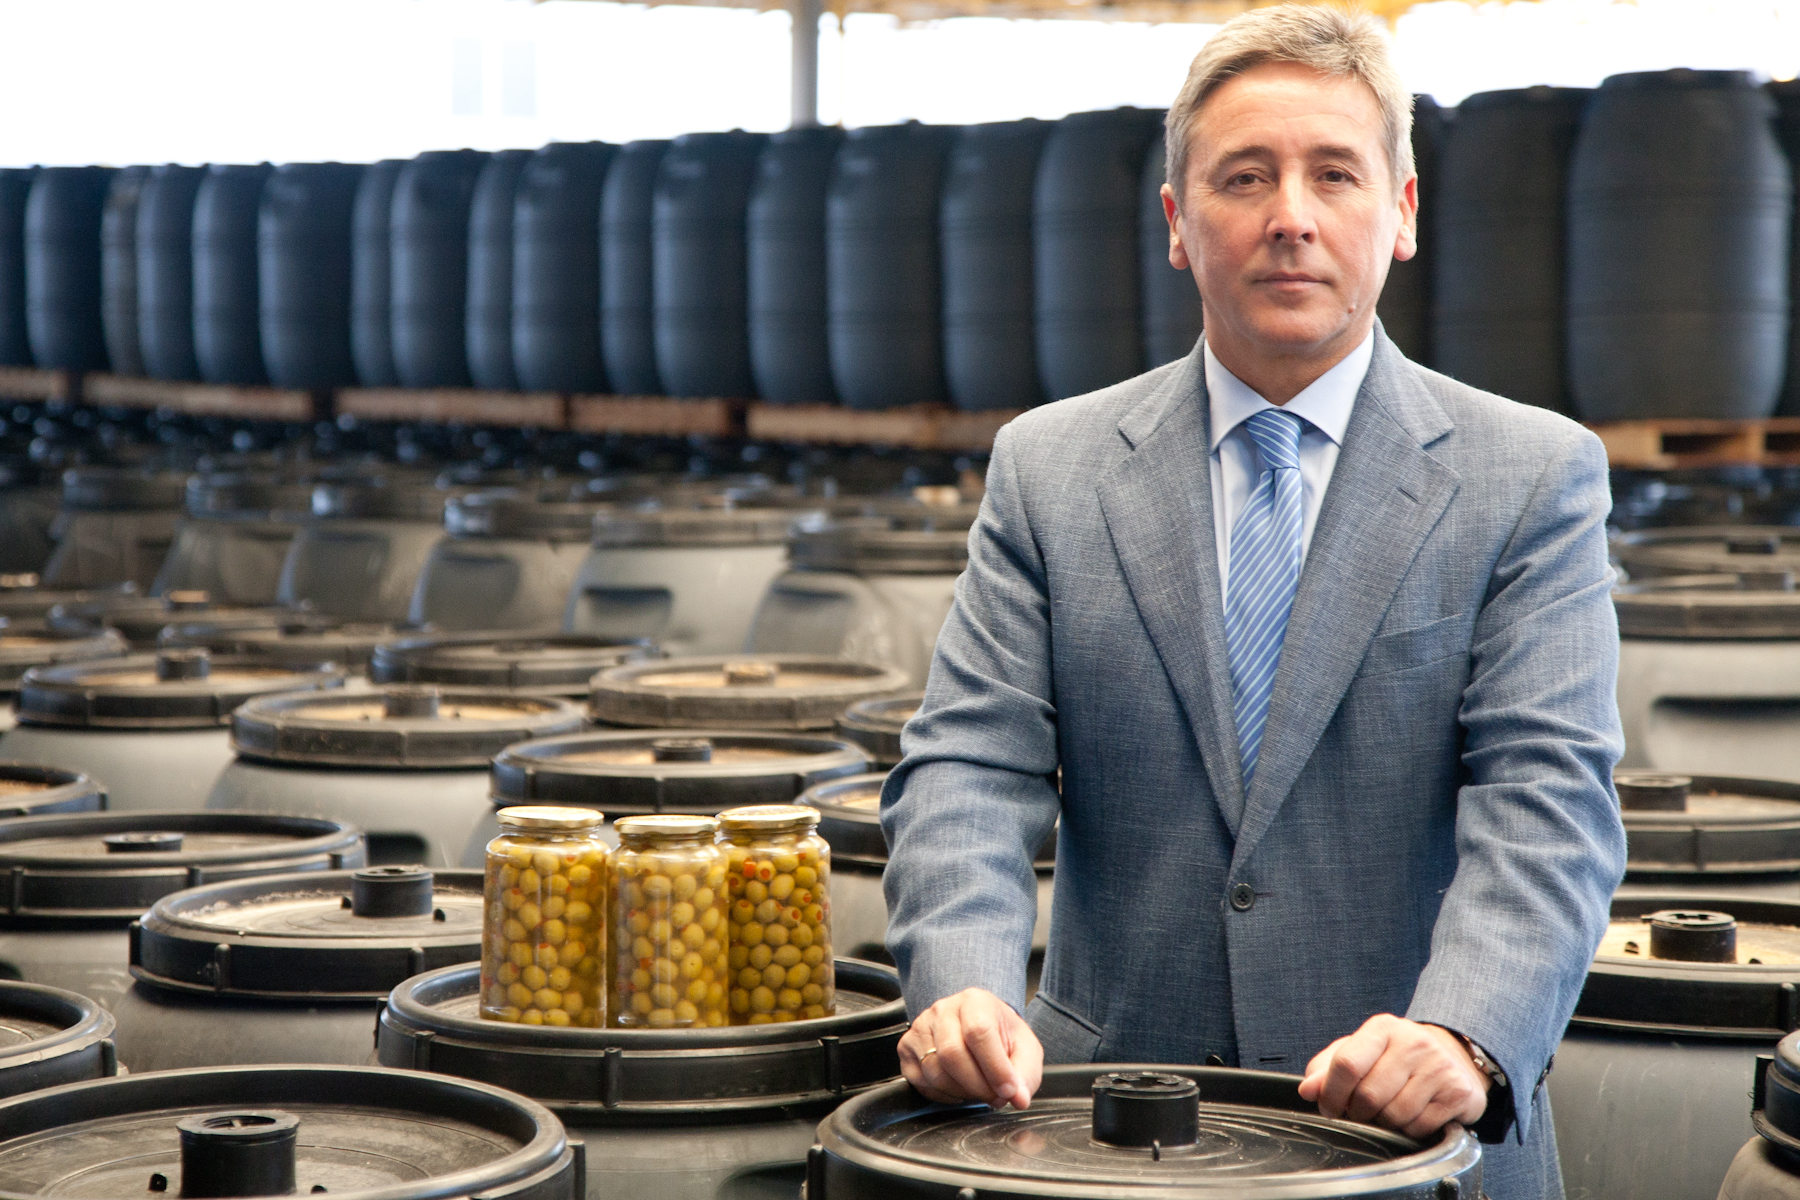 Antonio de Mora lleva 22 años al mando de la organización nacional de industriales Asemesa, cuya se de radica en Sevilla. / ASEMESA